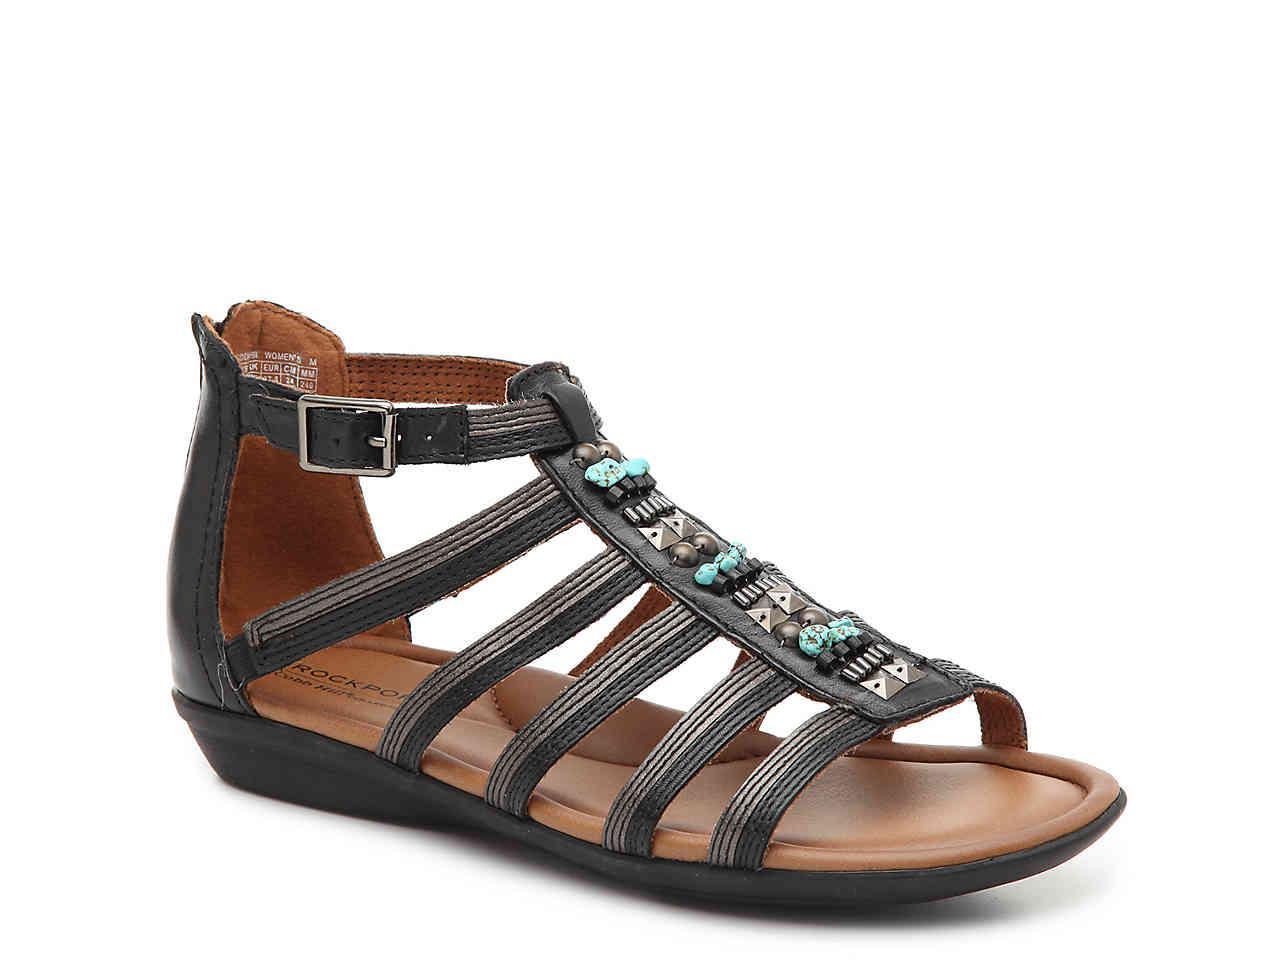 Rockport Jamestown Gladiator Sandal (Women's) PbXzvD